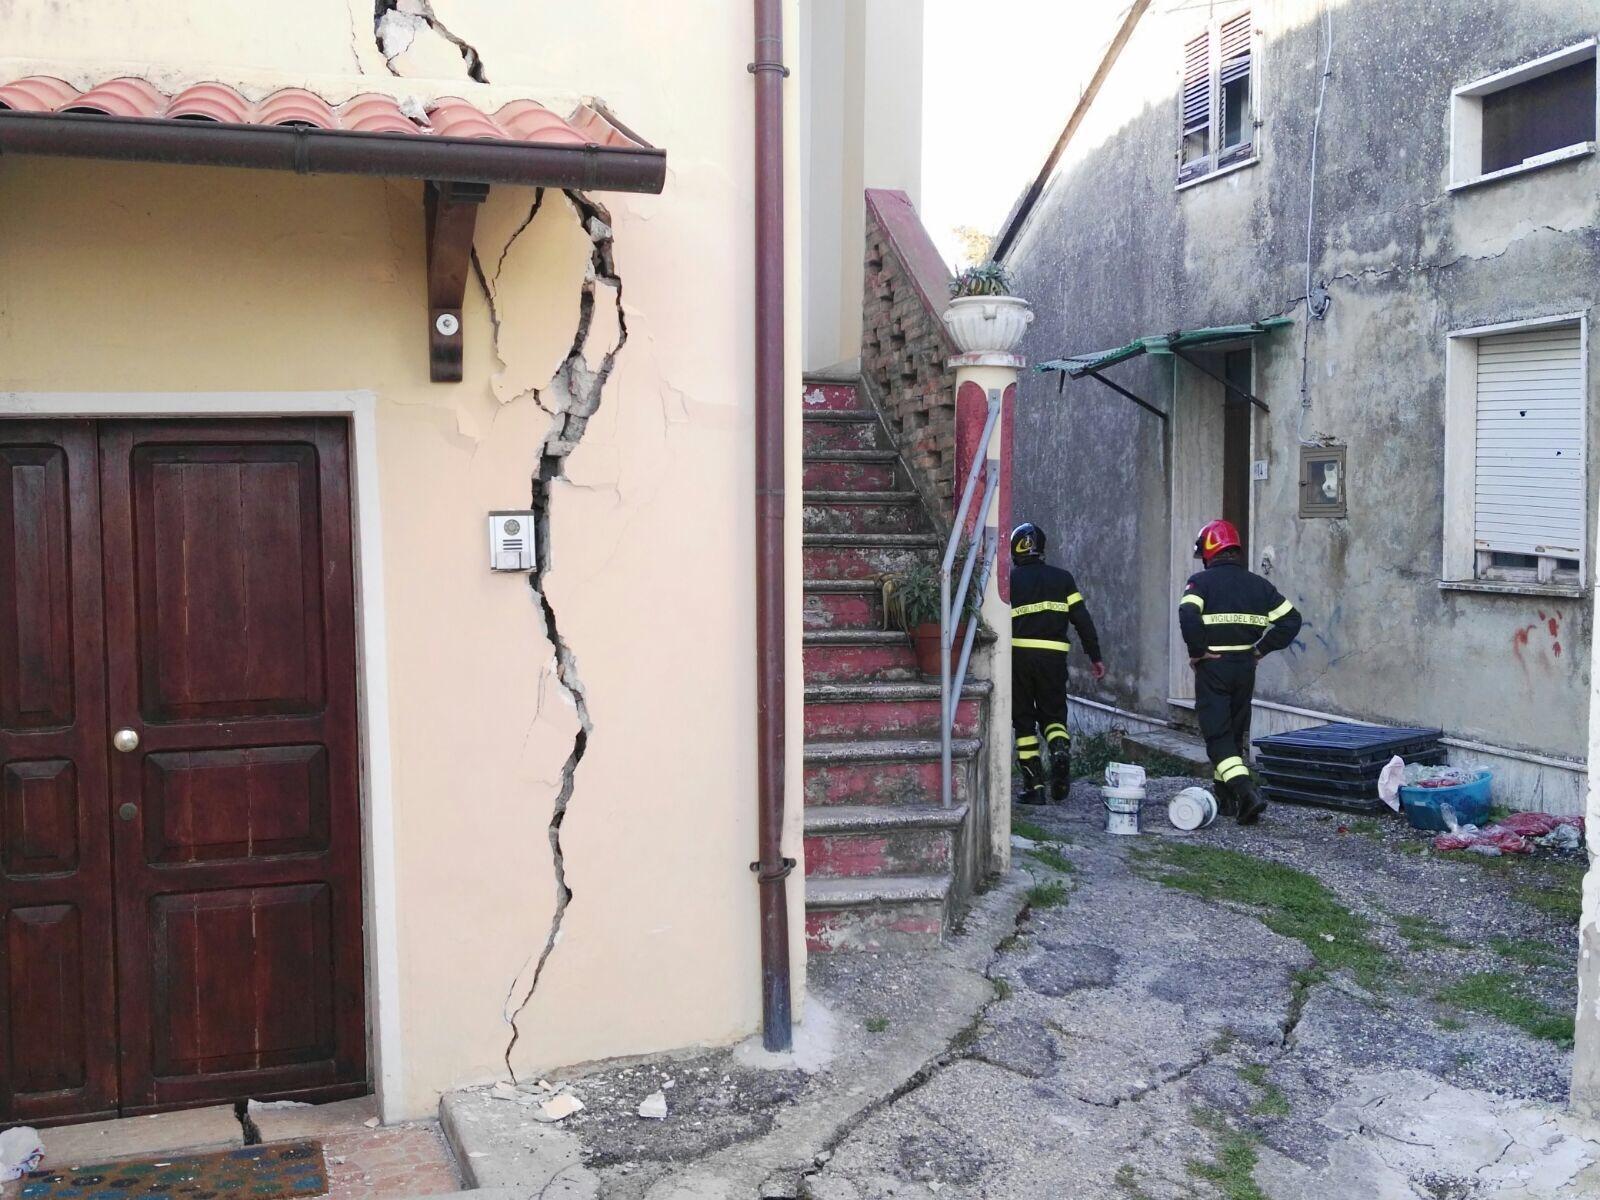 Frana nel Teramano, distrutta la frazione di Ponzano: 100 persone senza casa